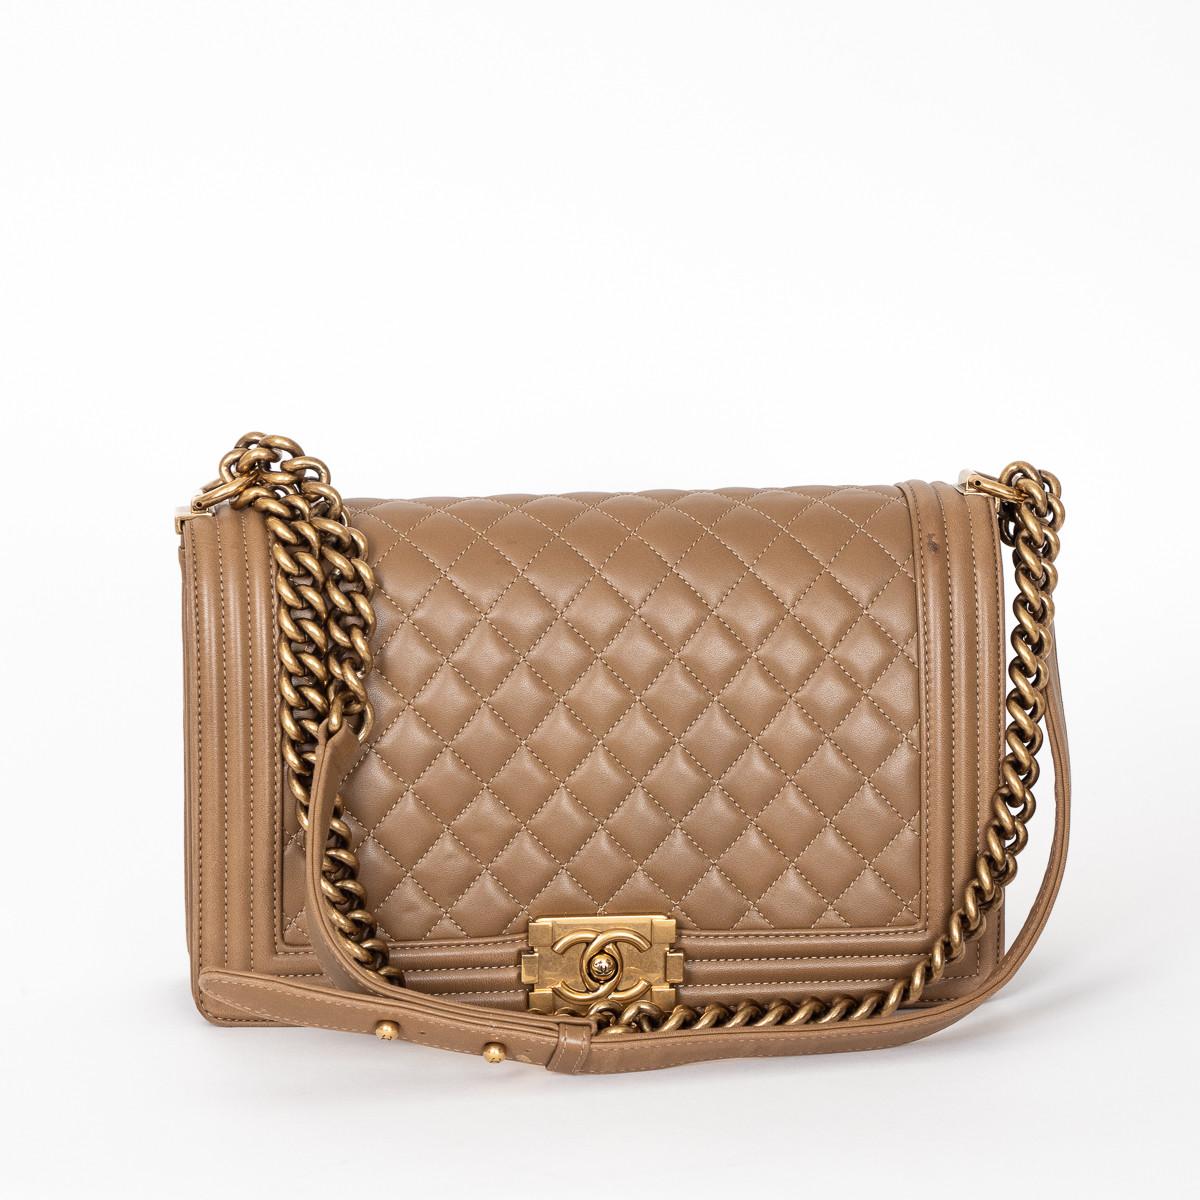 8c769a405b5 Sac Boy Chanel grand modèle en cuir matelassé beige foncé et d occasion.